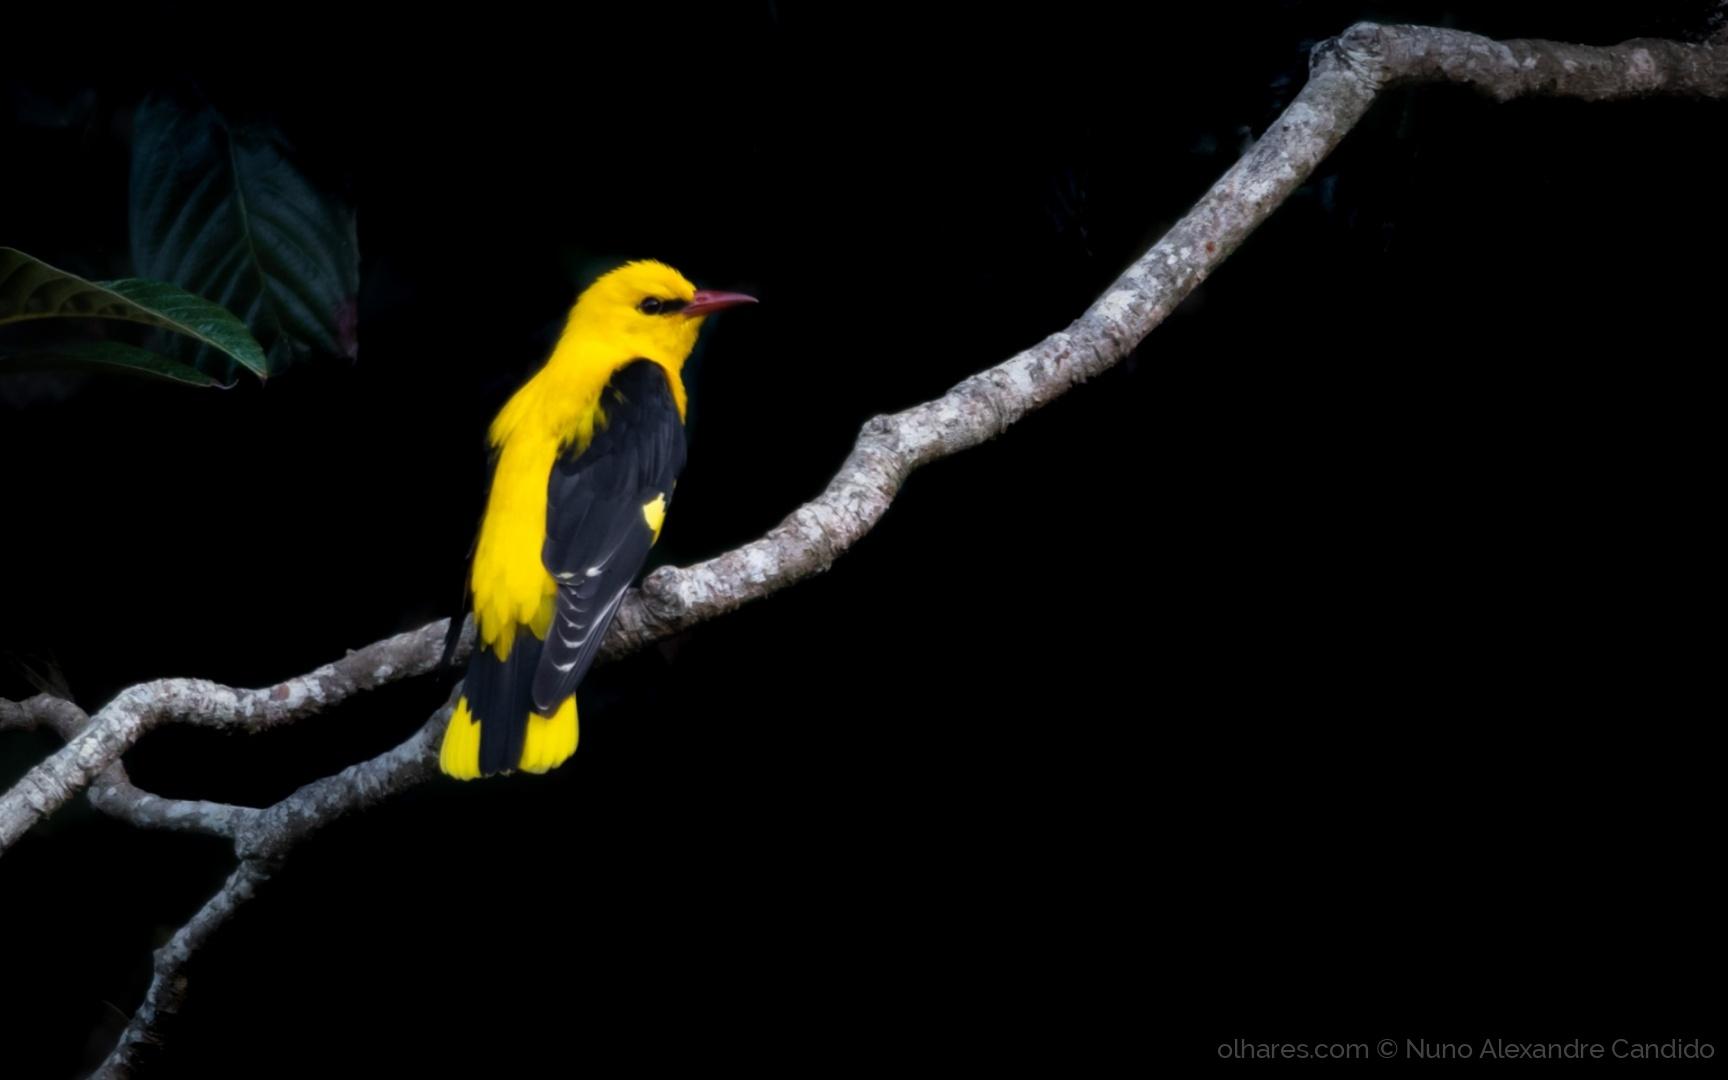 Animais/Amarelo no escuro